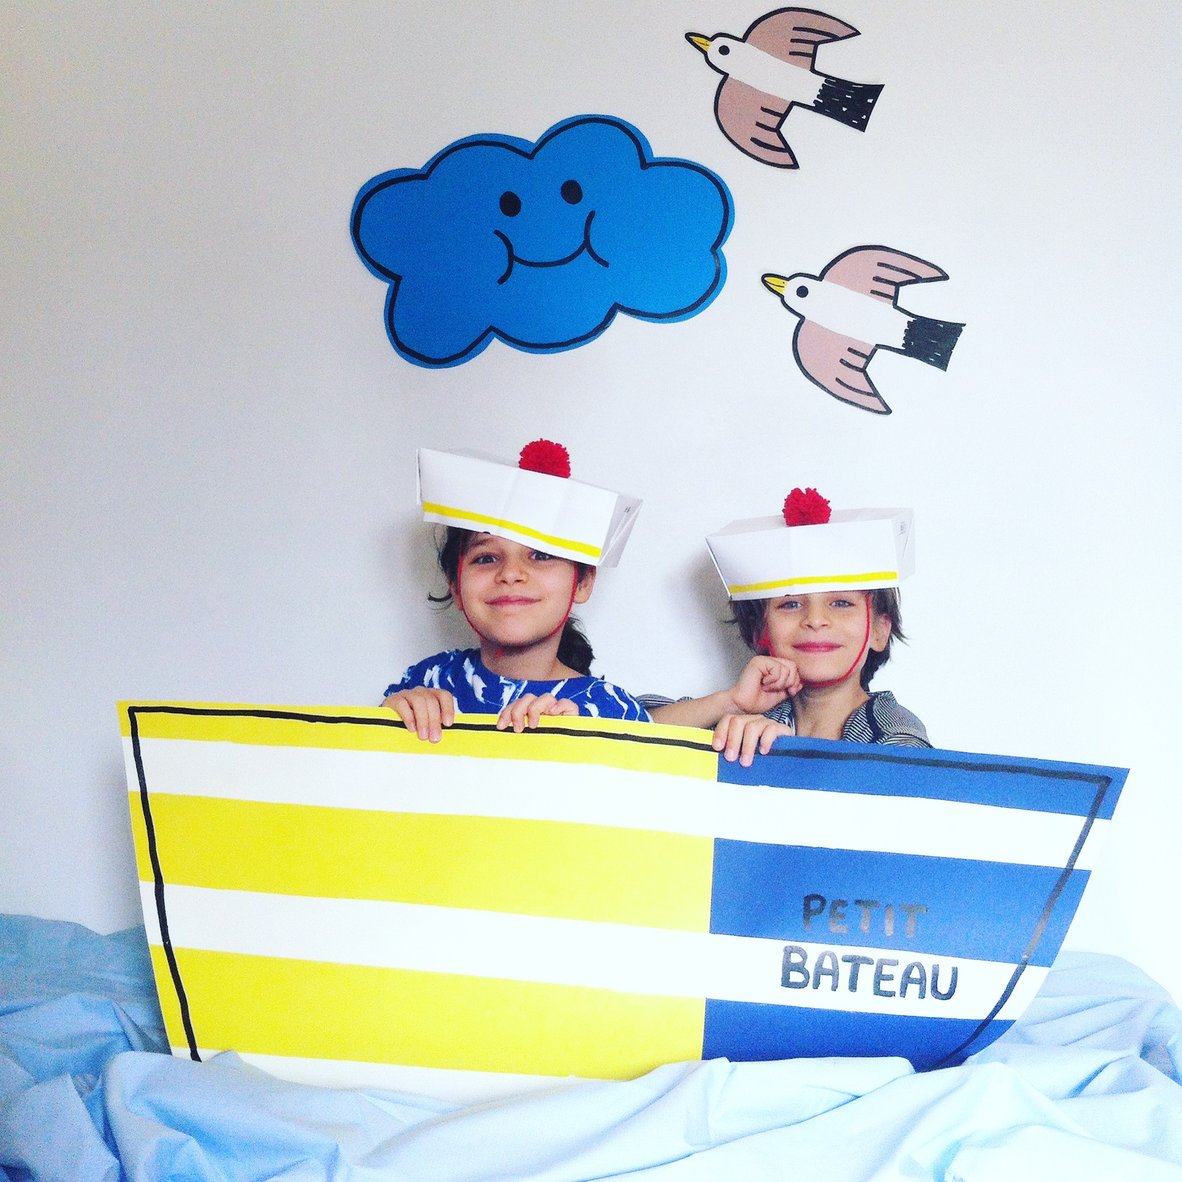 Image pour un concours  Petit bateau (gagnante du 1er prix)